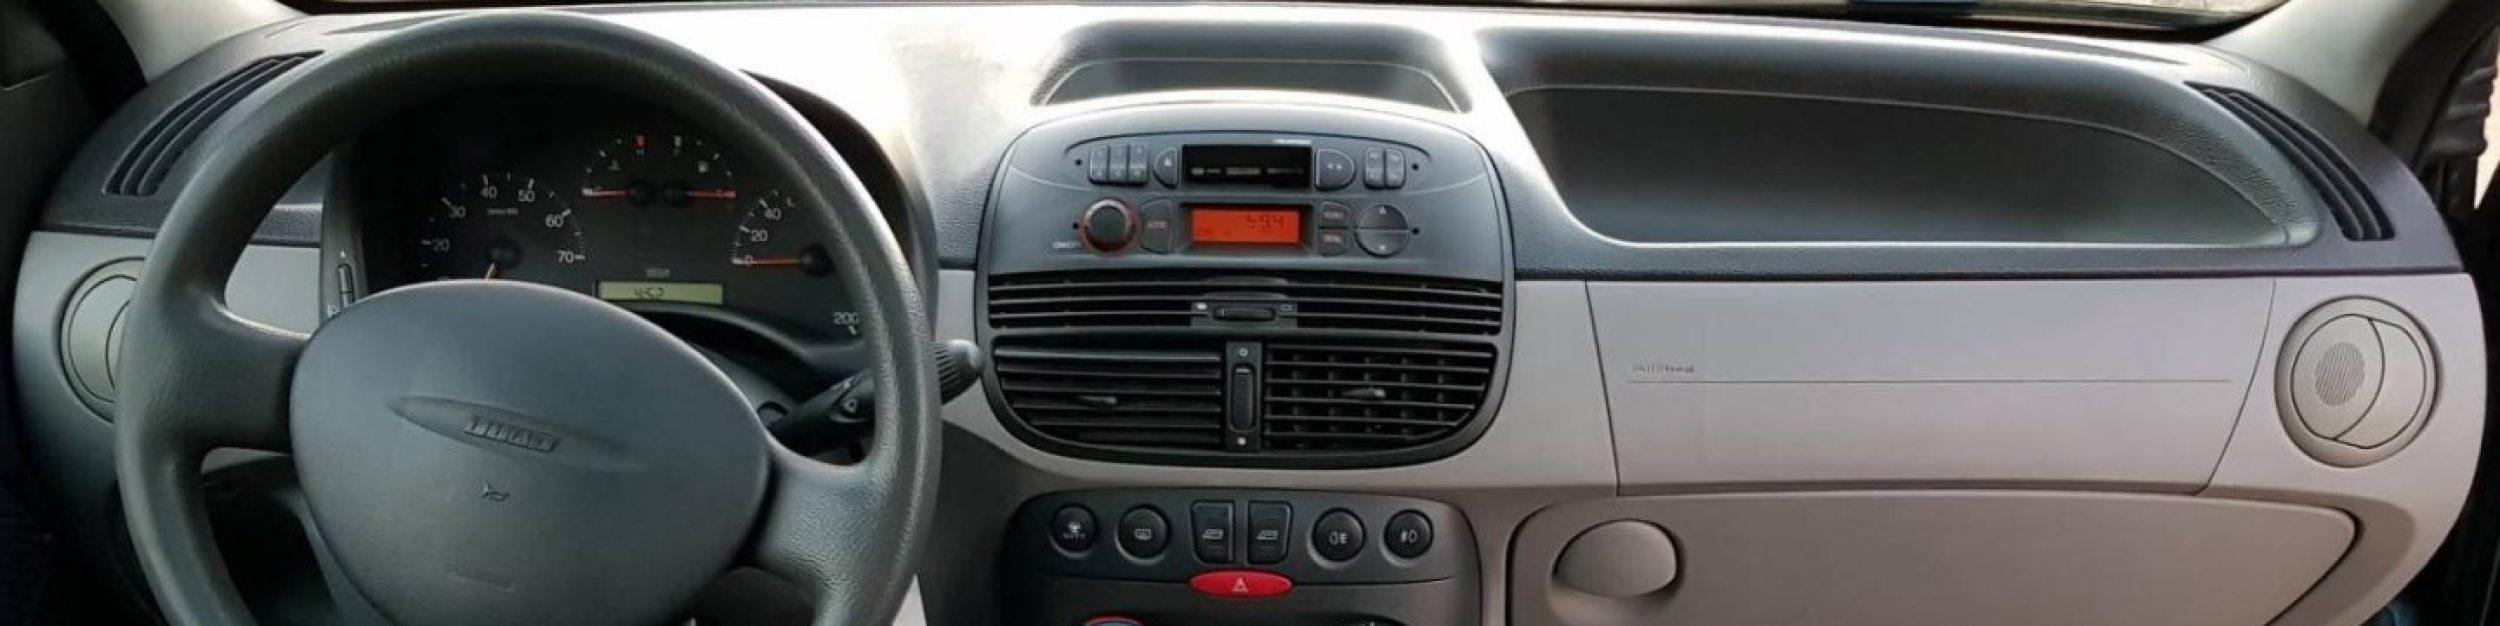 Fiat Punto II – Puntonium Blog